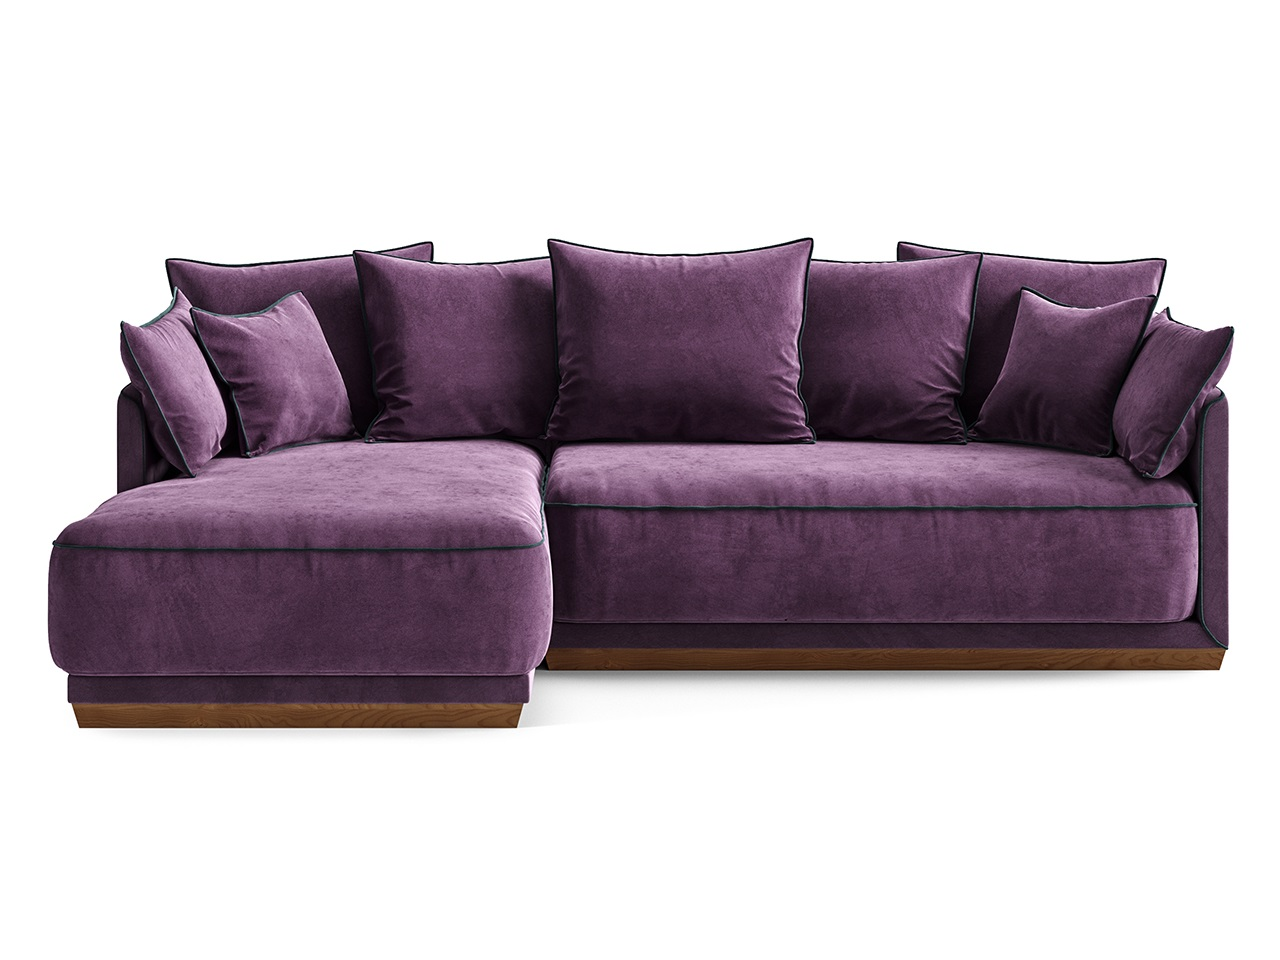 """Купить Диван """"soho"""" (The idea) фиолетовый текстиль 248x92x162 см. 81093 в интернет магазине. Цены, фото, описания, характеристики, отзывы, обзоры"""